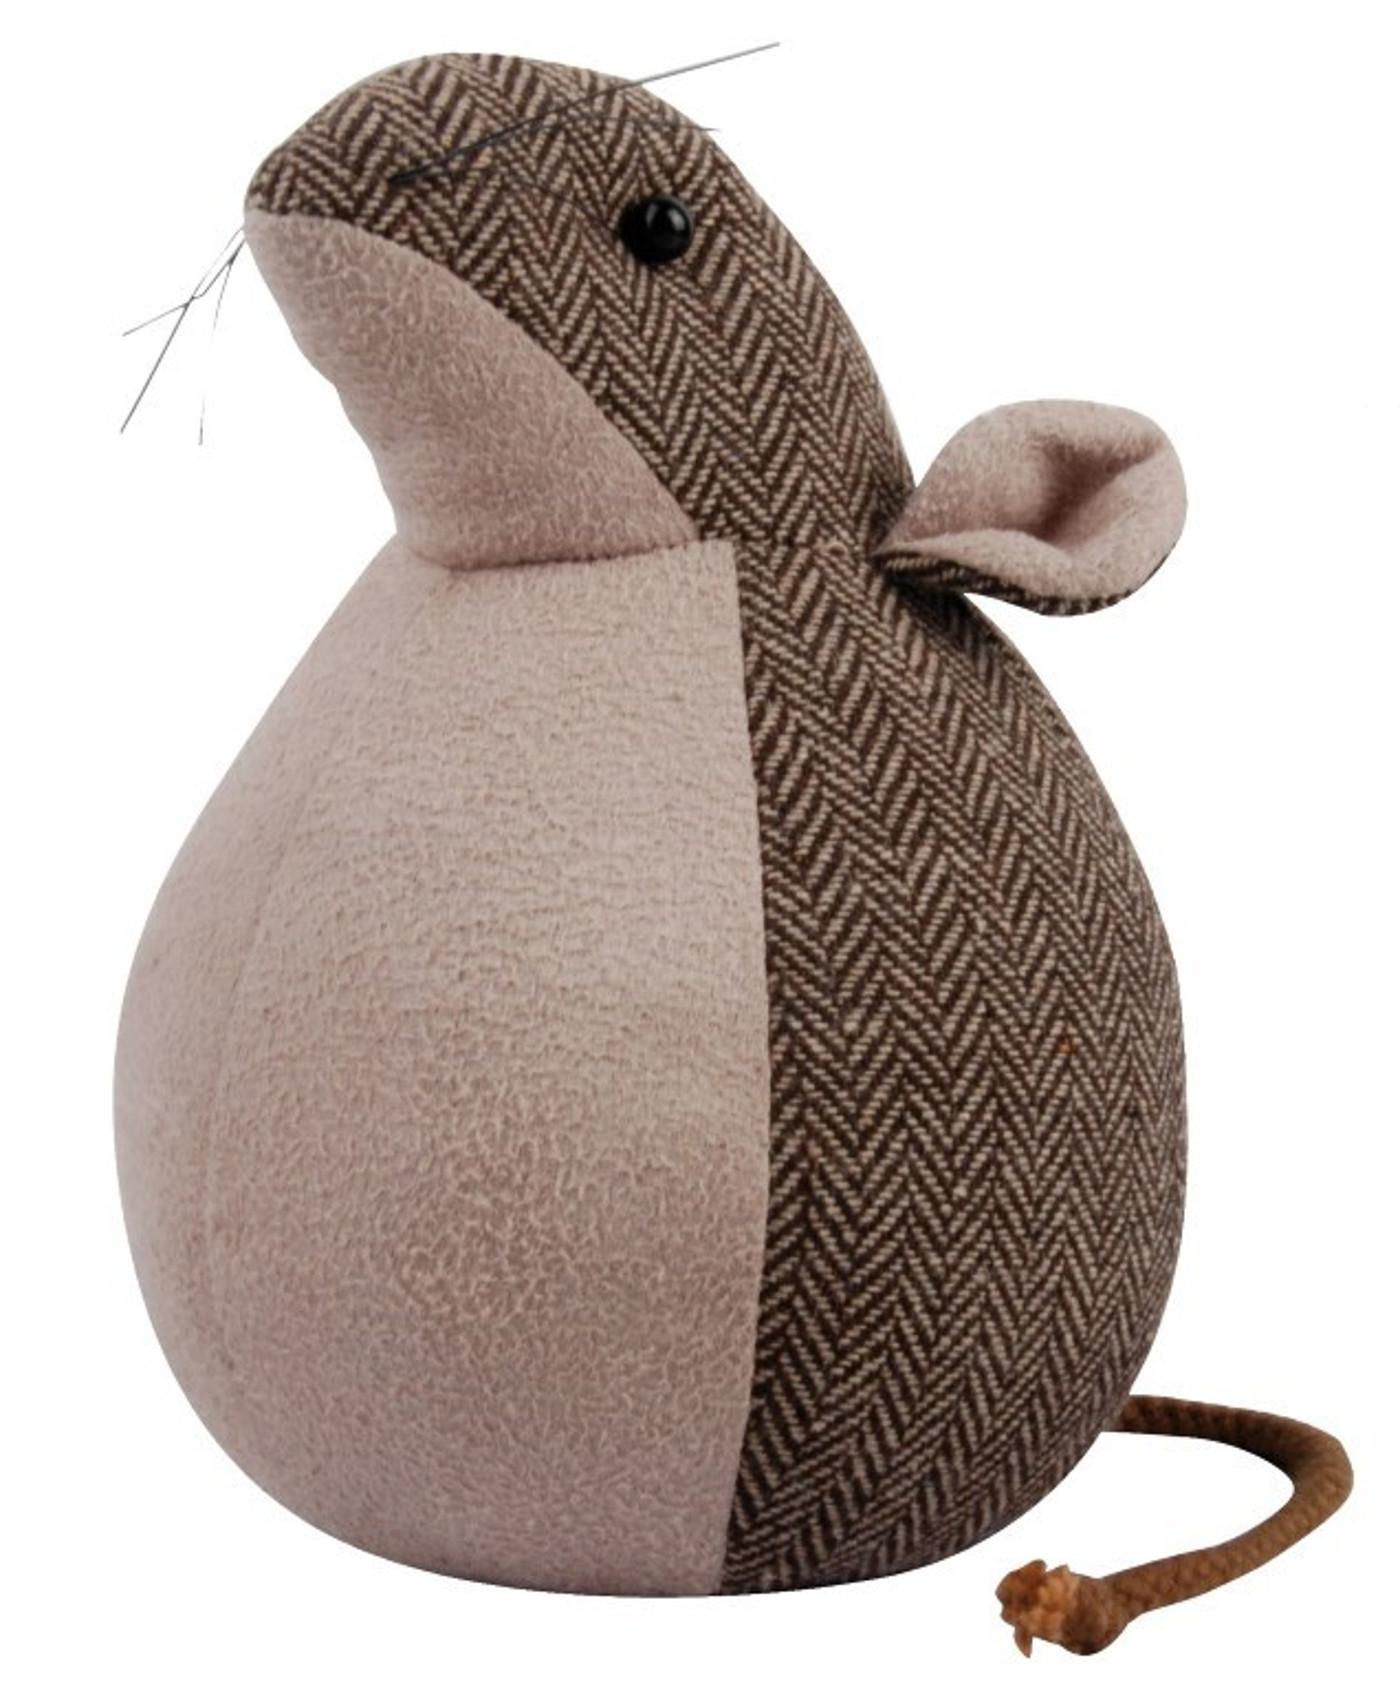 Animal Doorstop Herringbone Tweed Pattern Faux Suede Mouse